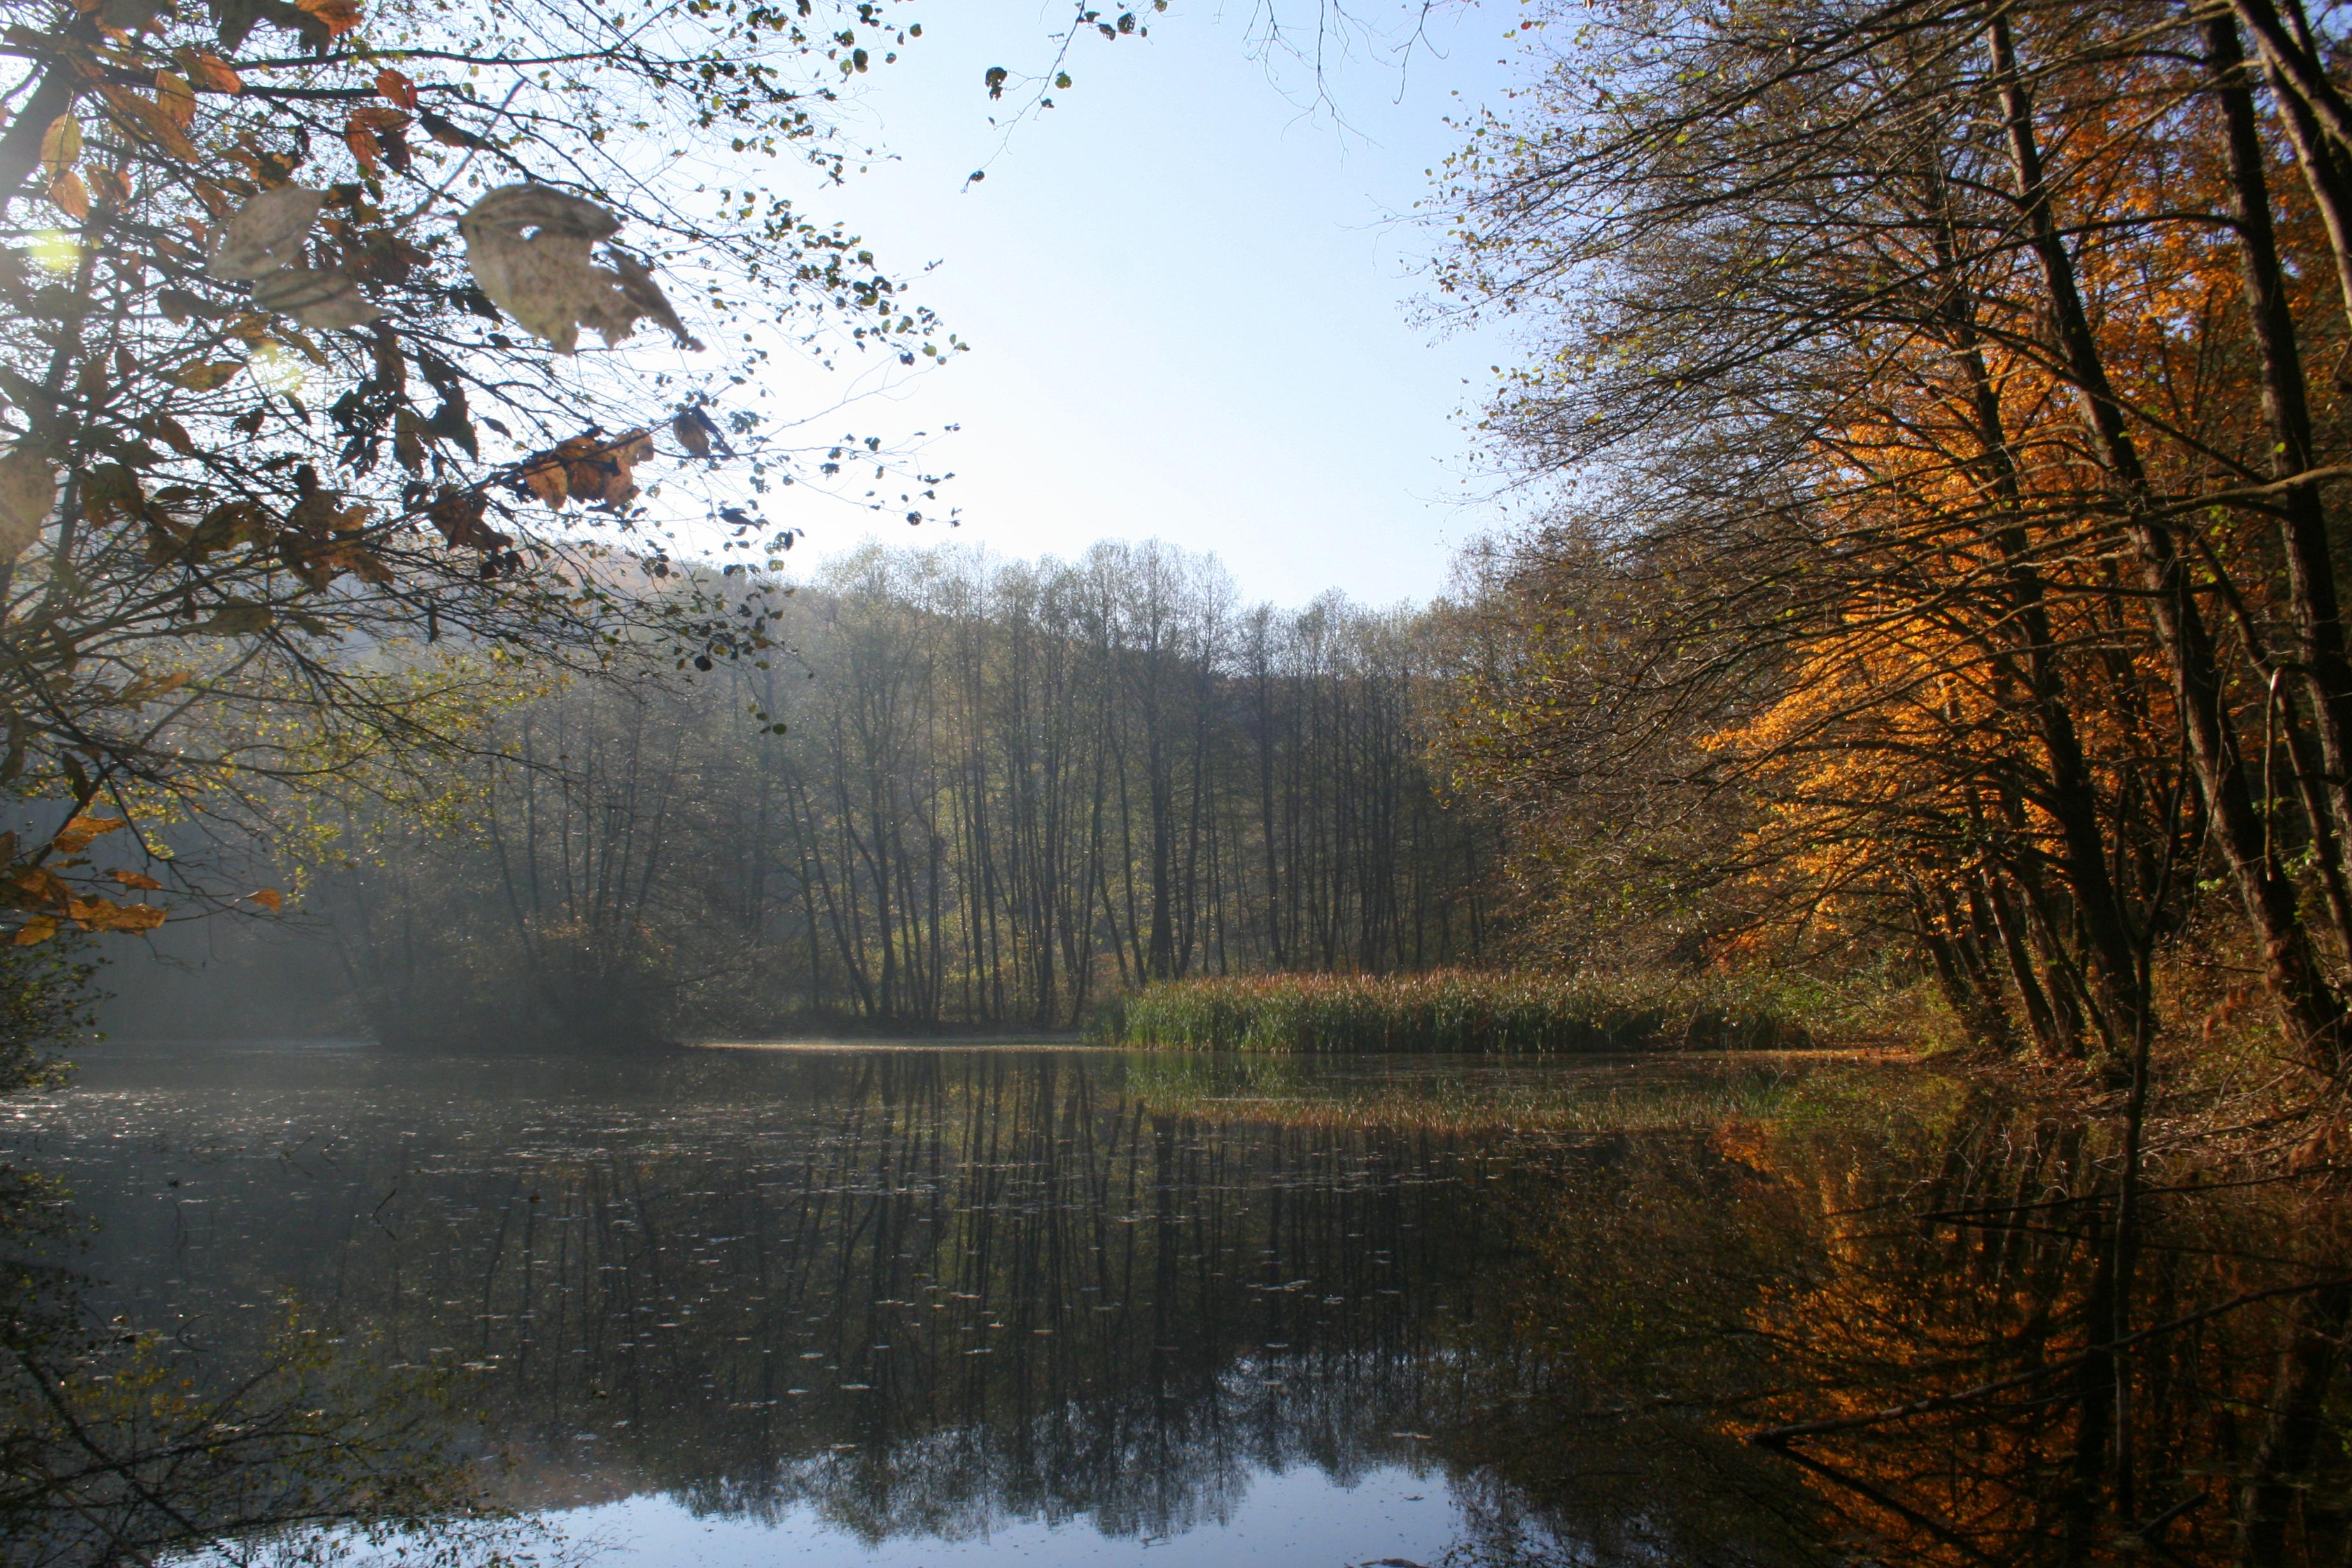 Blinaja, një nga pjesët më të bukura dhe të mbrojtura të Kosovës